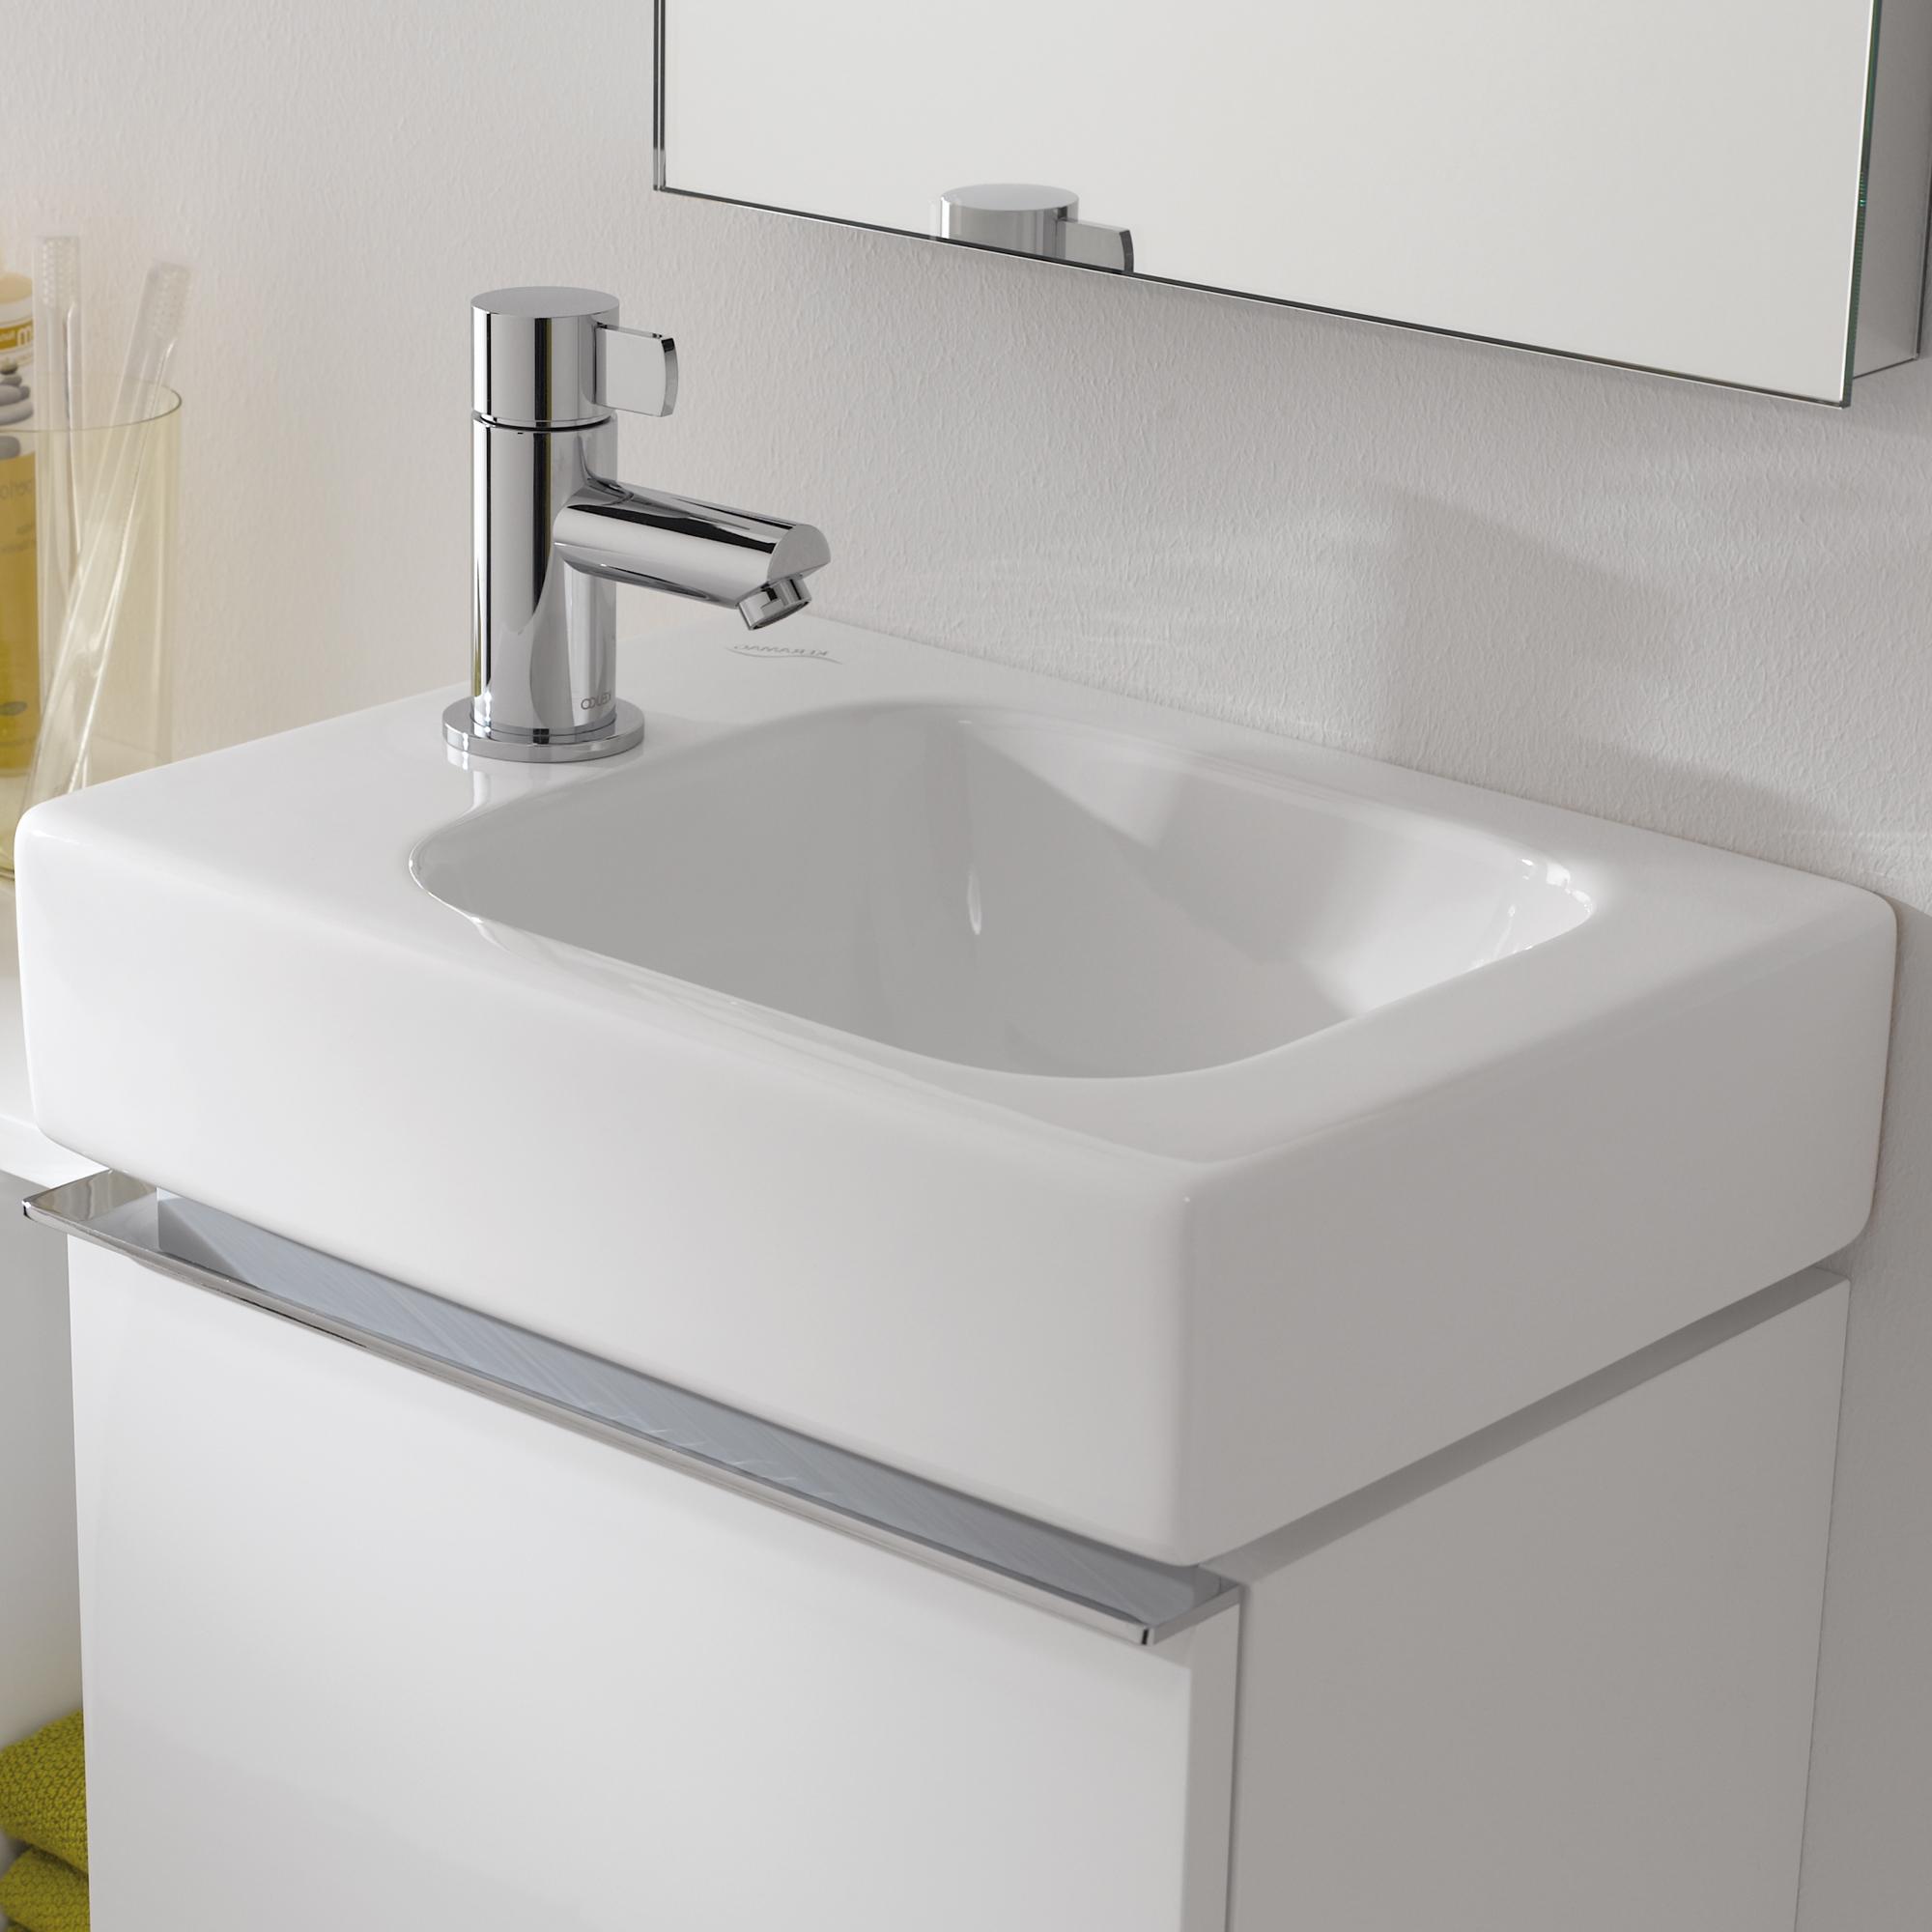 keramag icon handwaschbecken wei mit keratect 124836600 reuter onlineshop. Black Bedroom Furniture Sets. Home Design Ideas